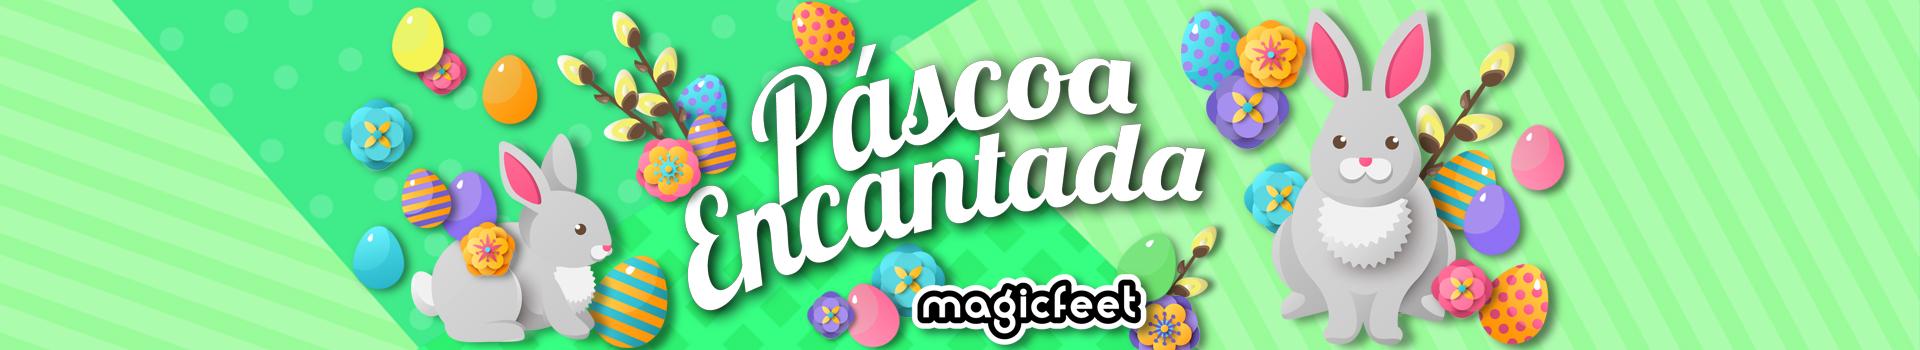 BTVCAMP-Pascoa_Encantada